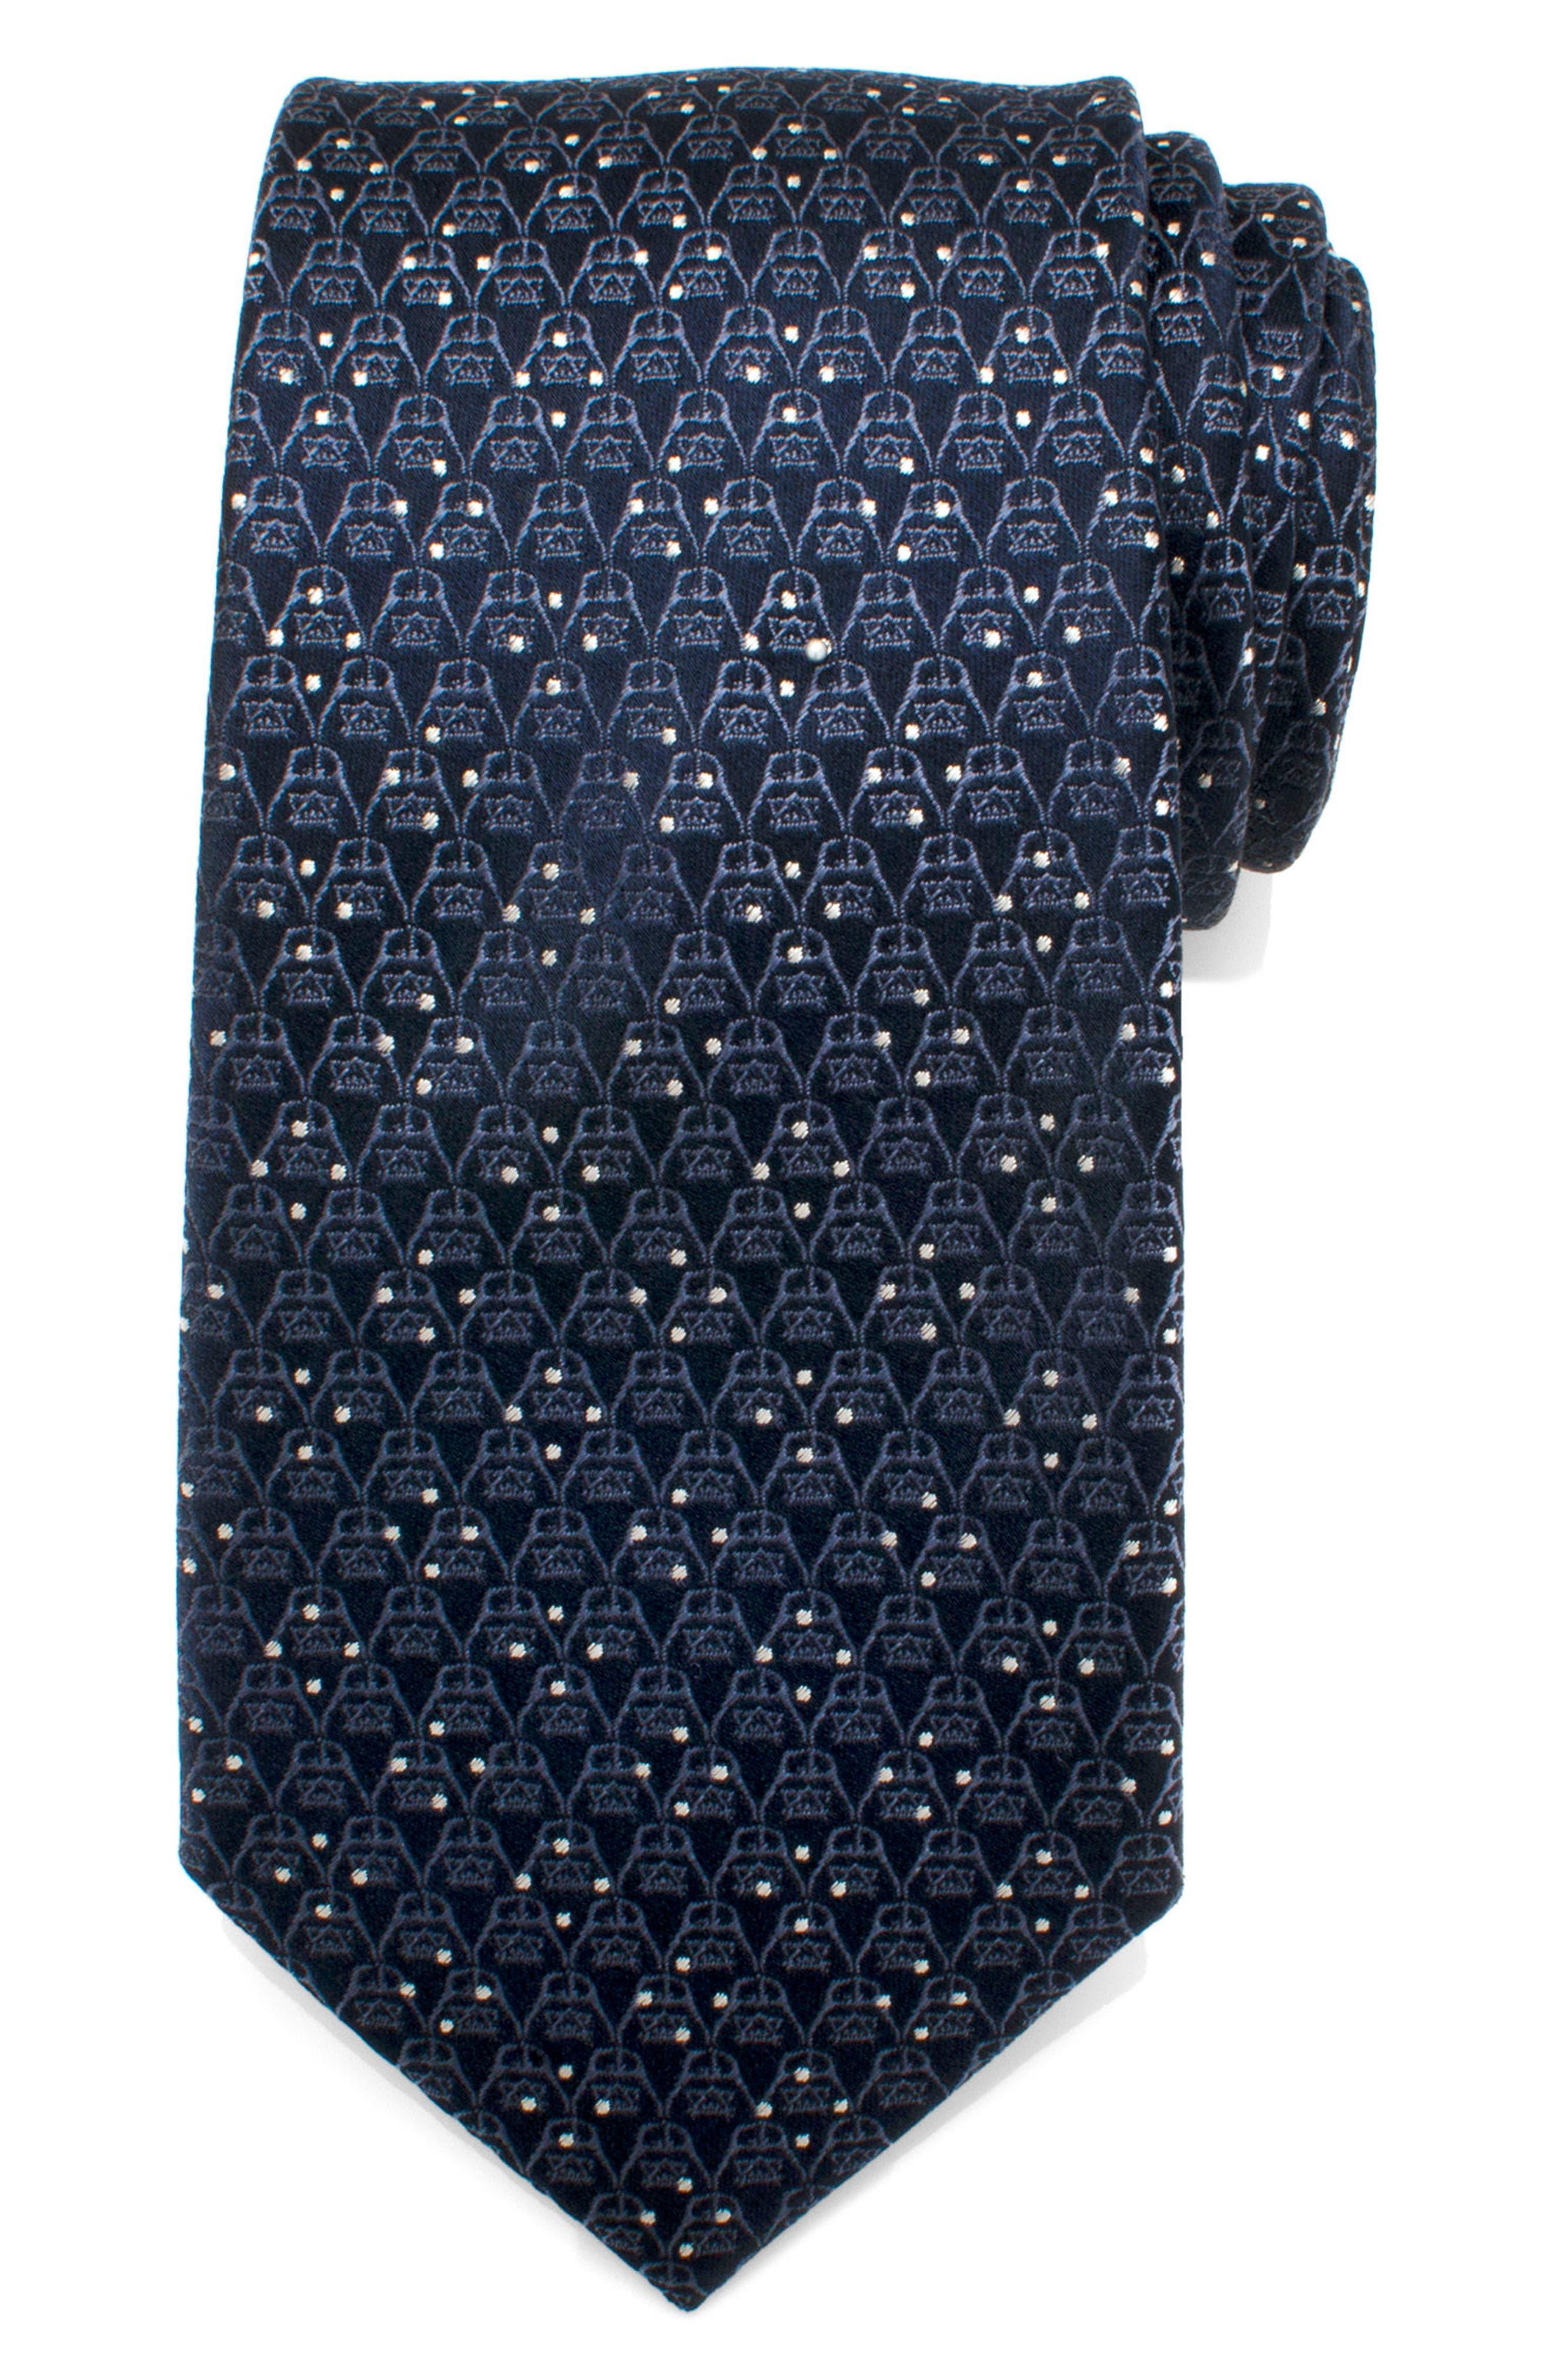 Cufflinks Inc. Darth Vader Dot Tie,                             Alternate thumbnail 2, color,                             Navy